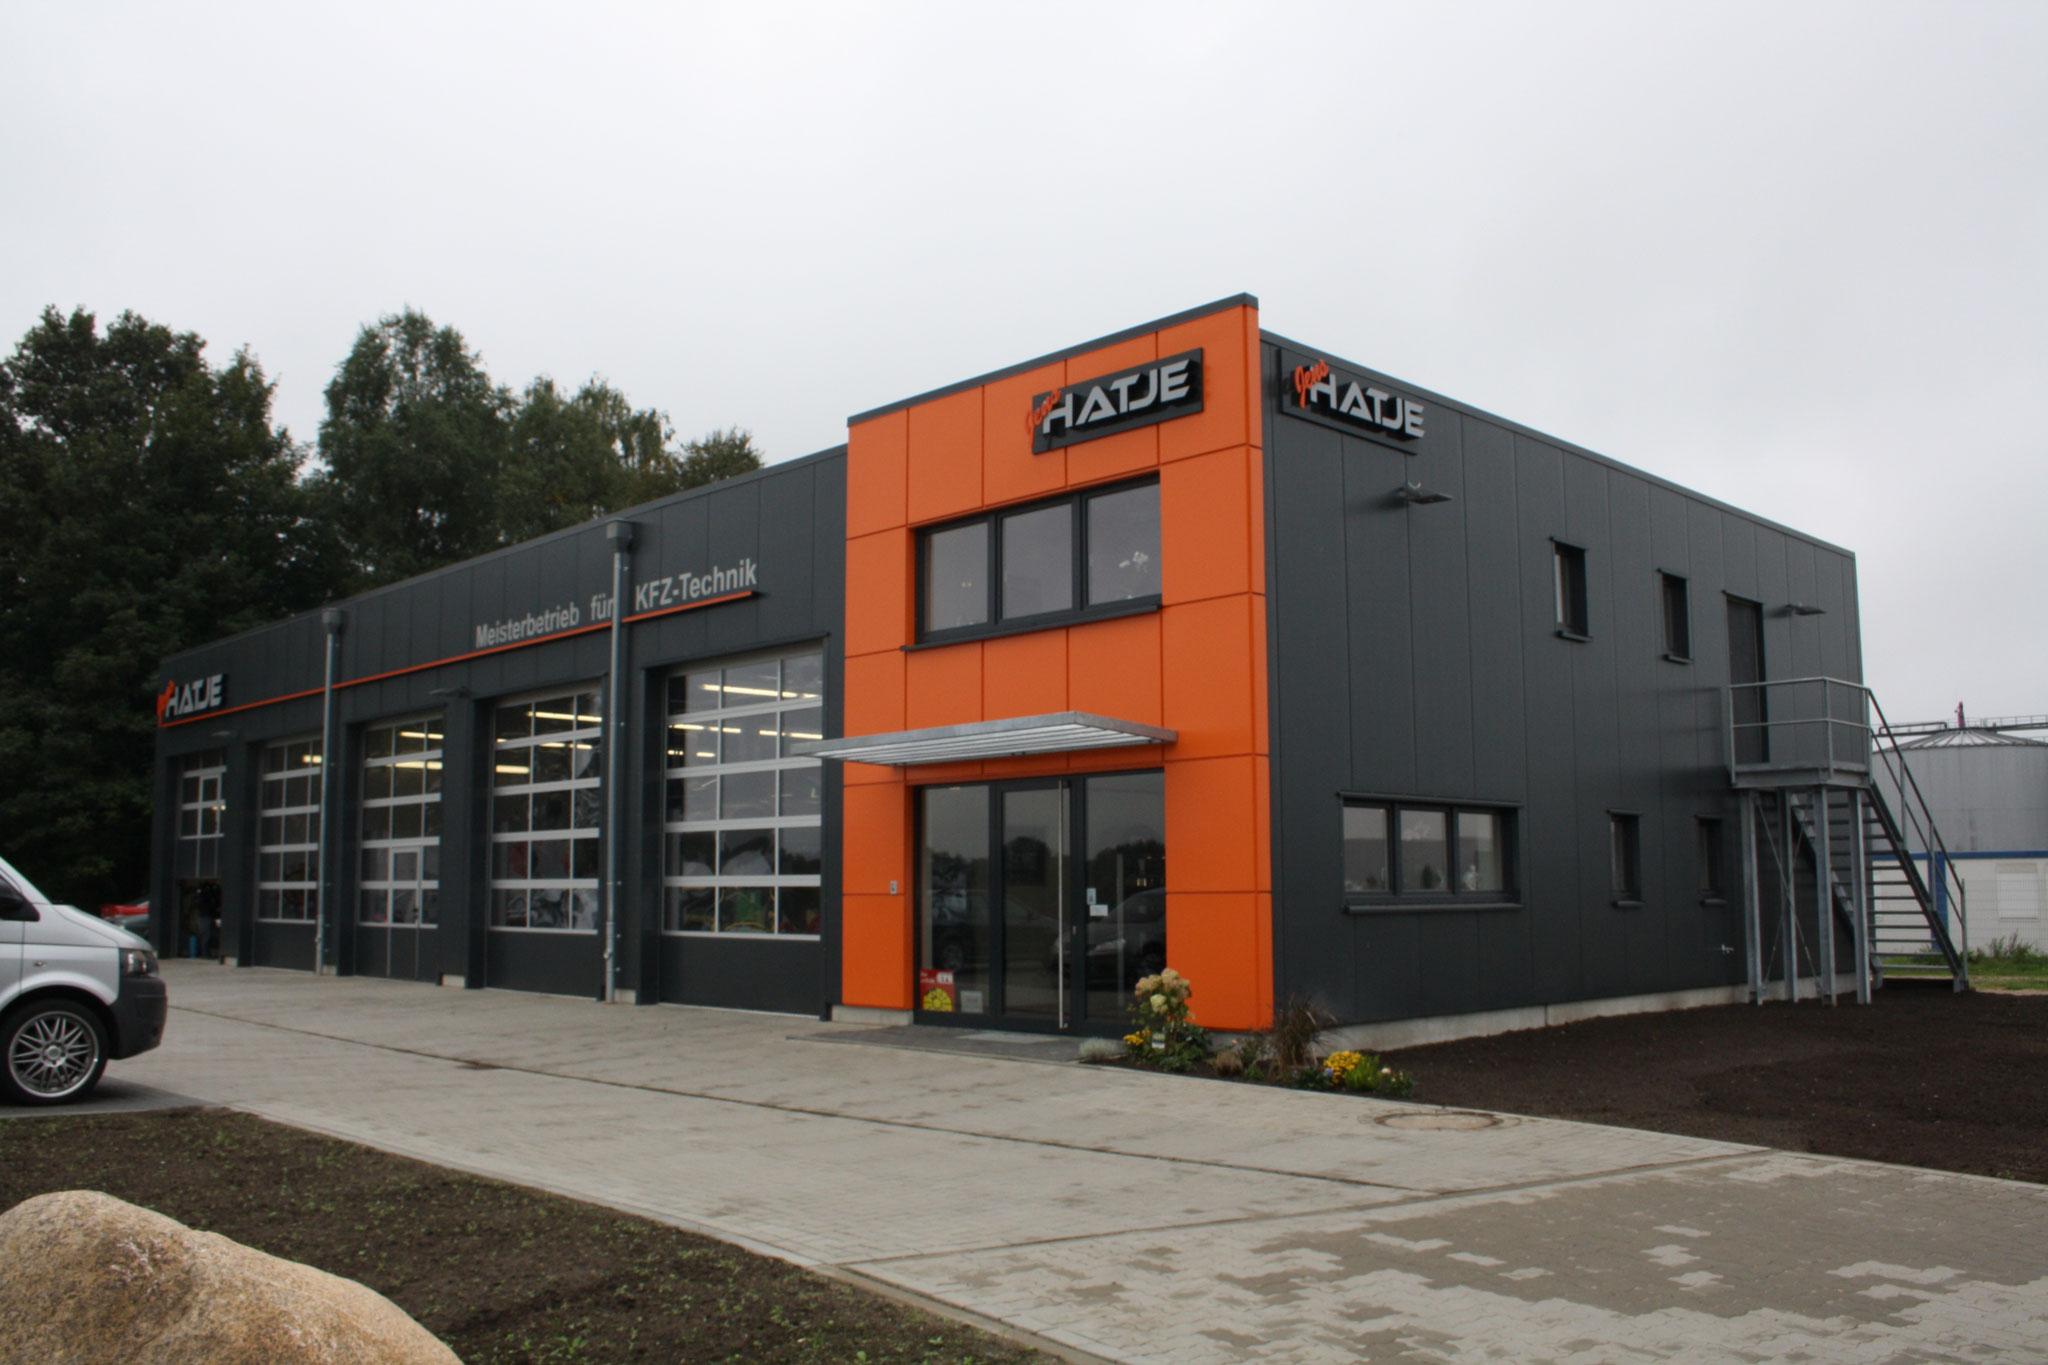 Kfz-Werkstatt mit Waschhalle Ritscherstraße 28, Buchholz i.d.N.